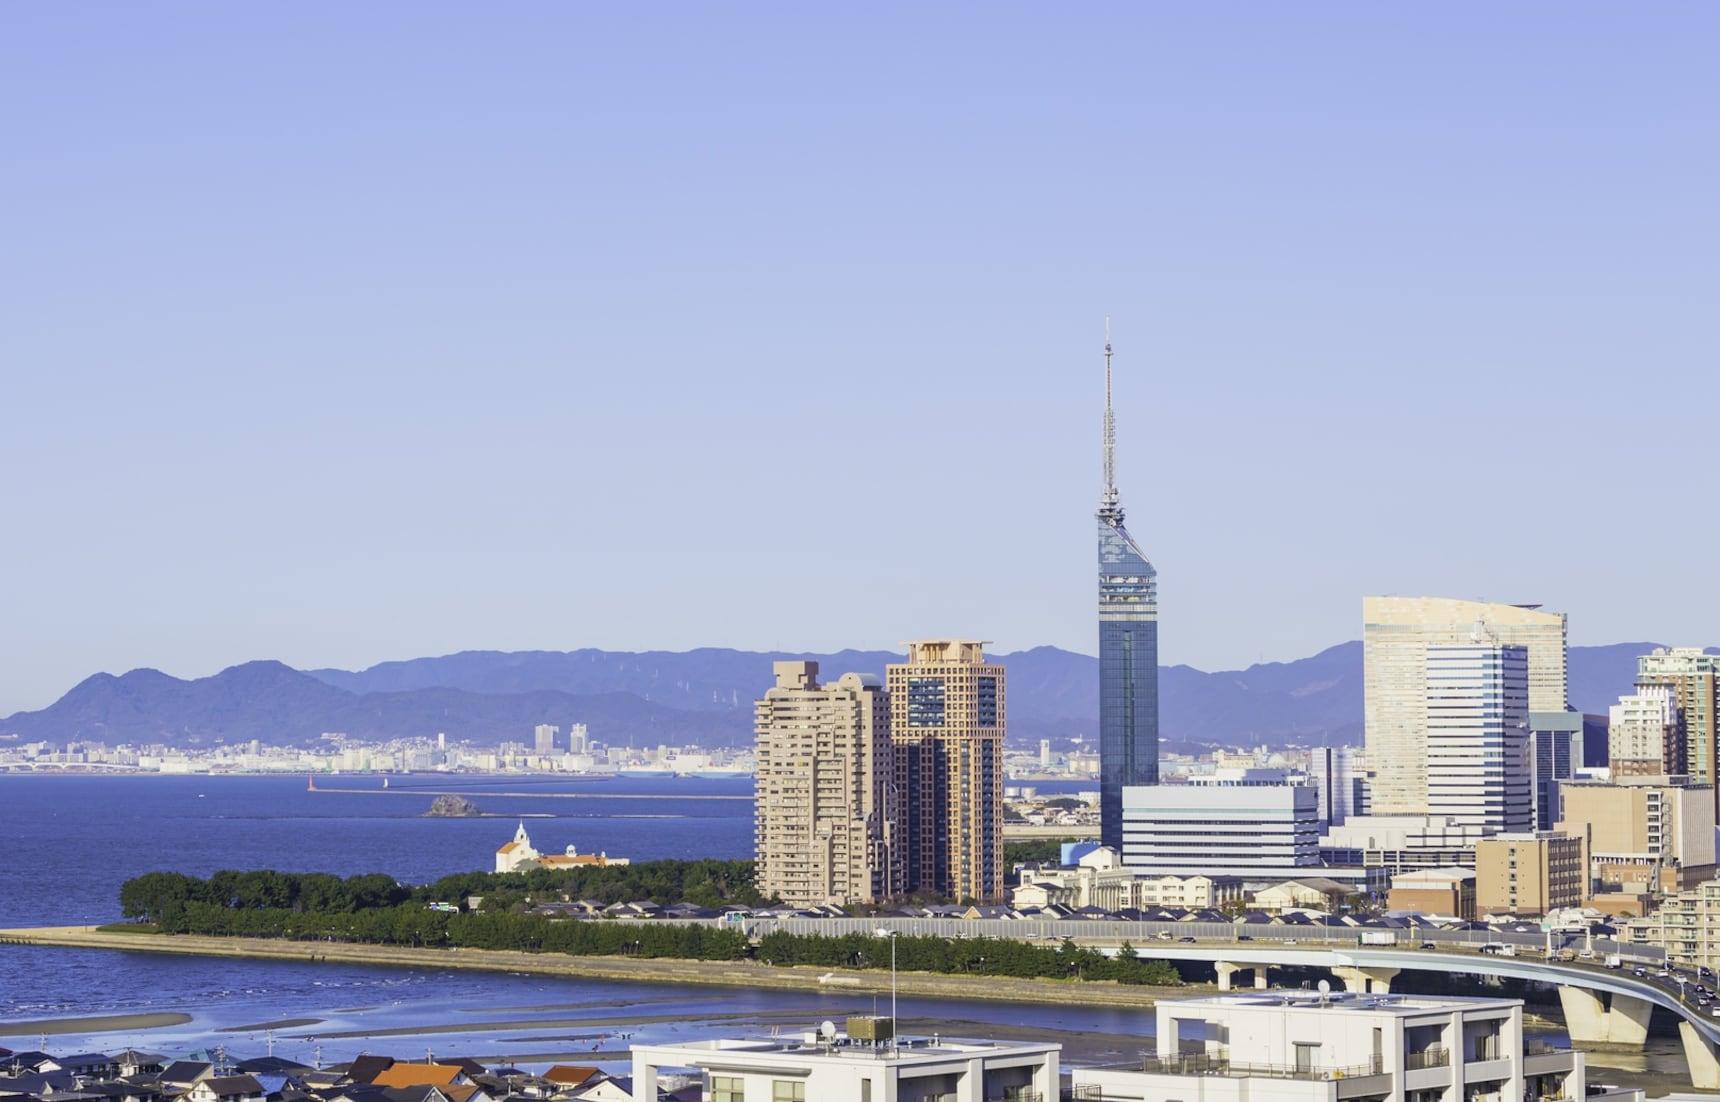 แนะนำ 10 ที่เที่ยวในฟุกุโอกะ (Fukuoka)